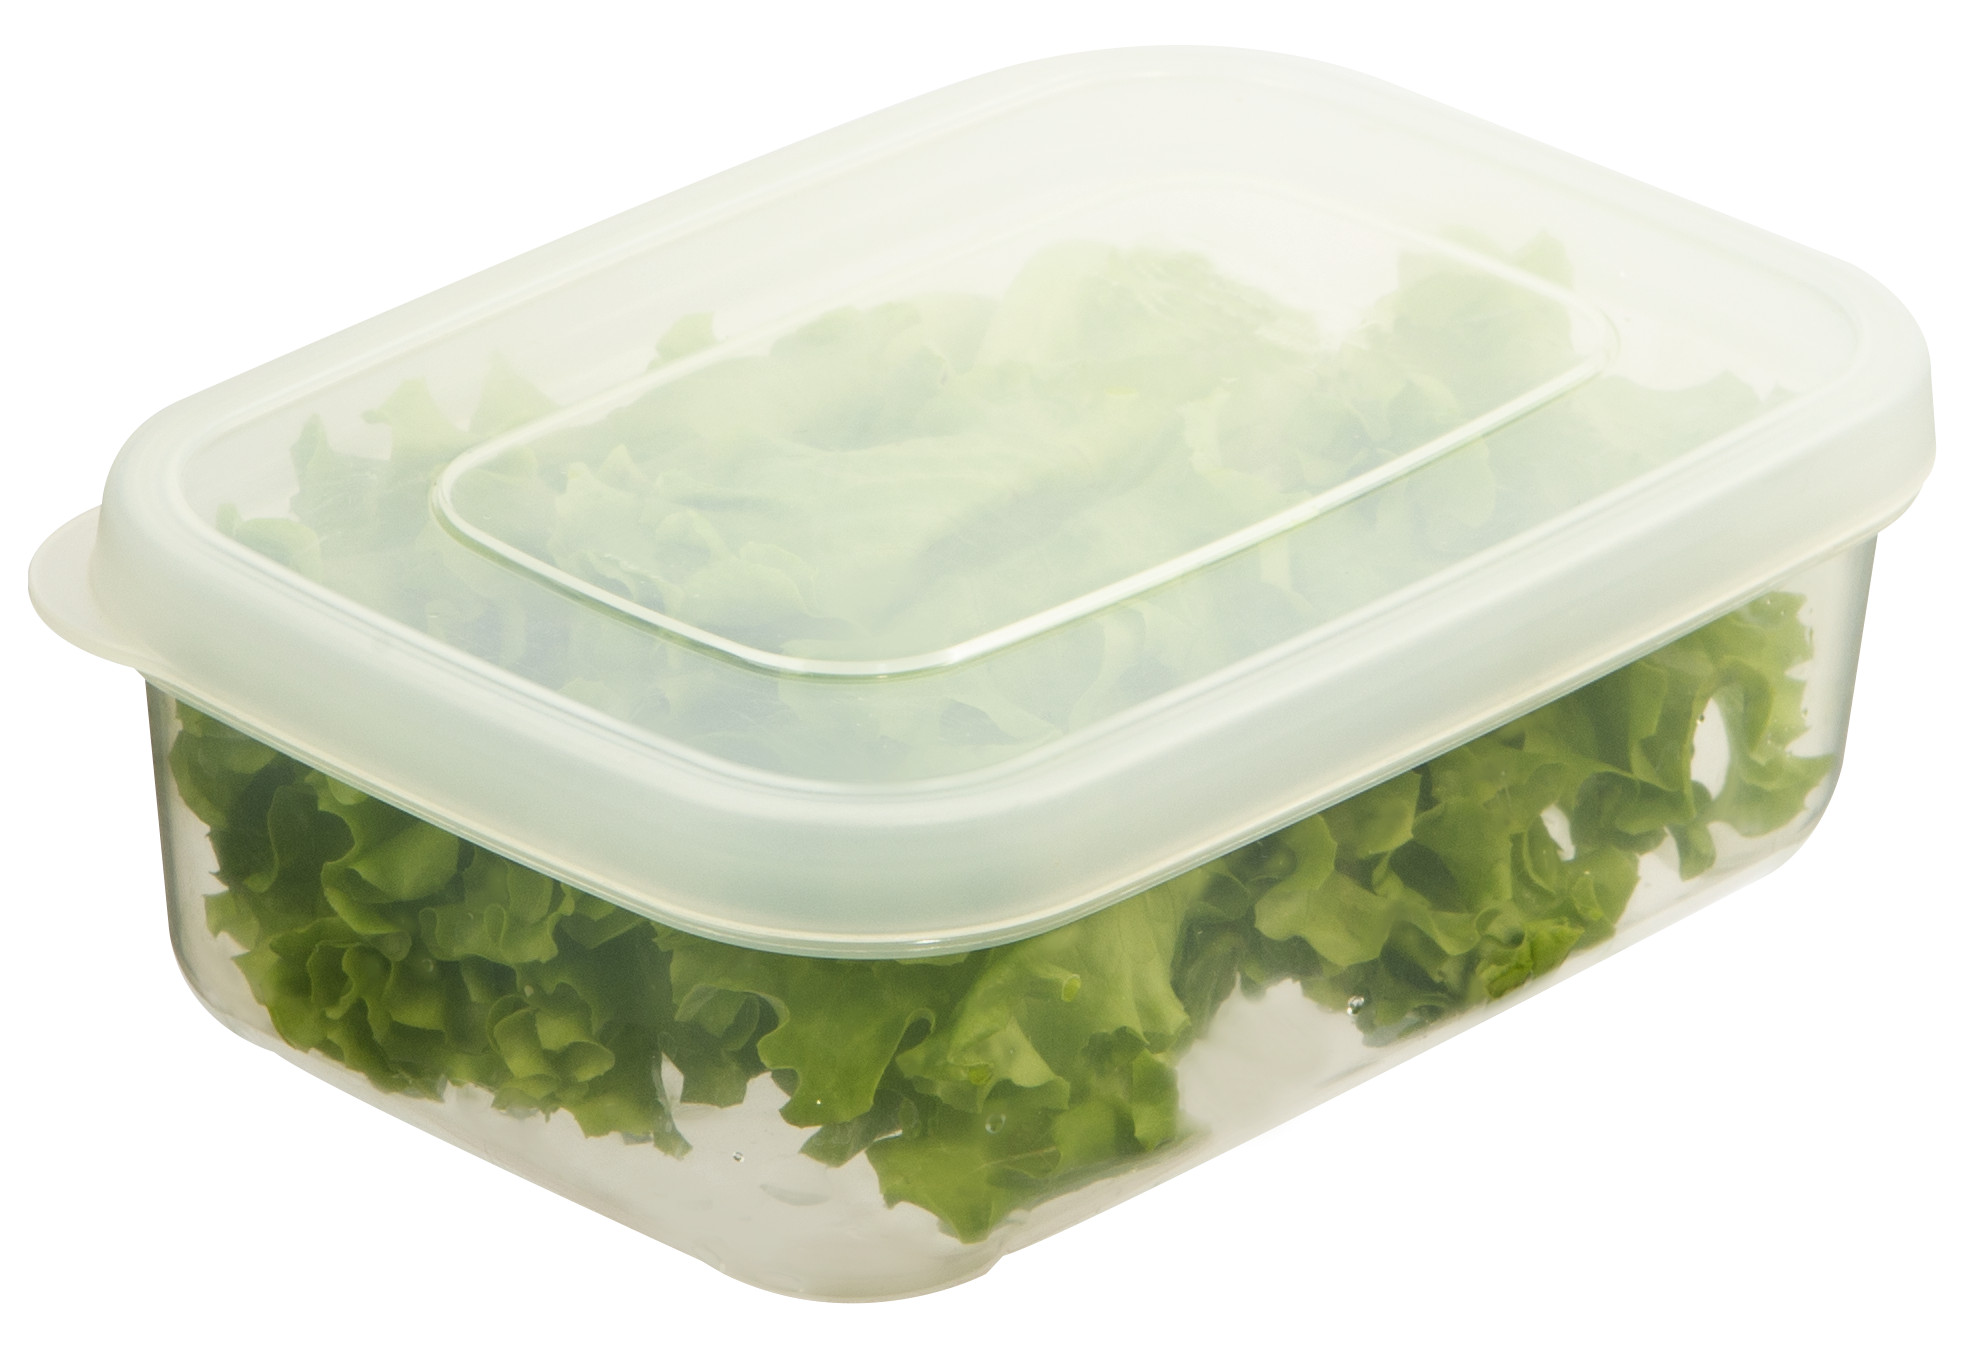 Bộ 3 hộp thực phẩm chữ nhật Hokkaido size 500-1000-2000ml - cam